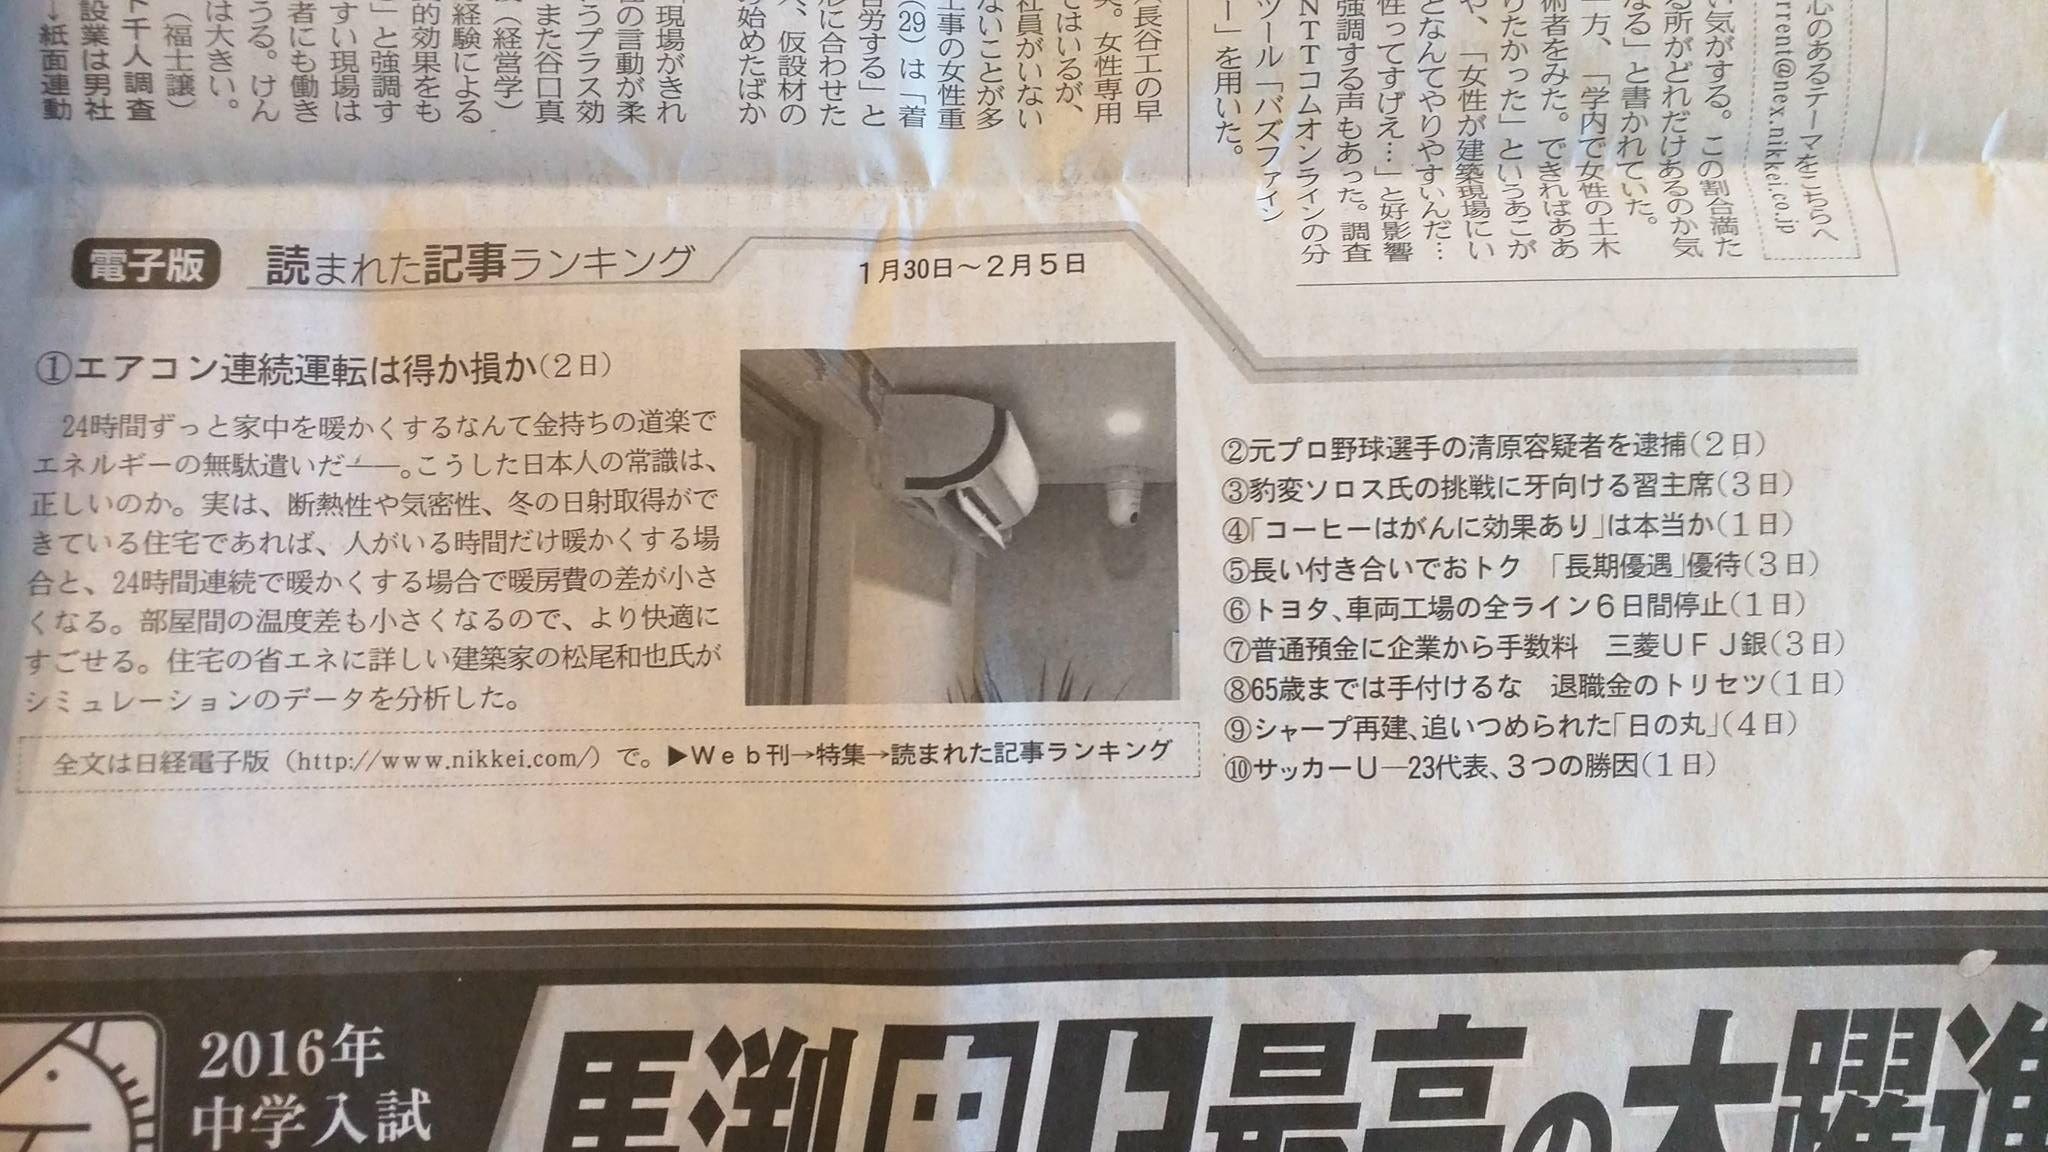 日経新聞電子版で先週読まれた記事ランキングで1位をいただきました!